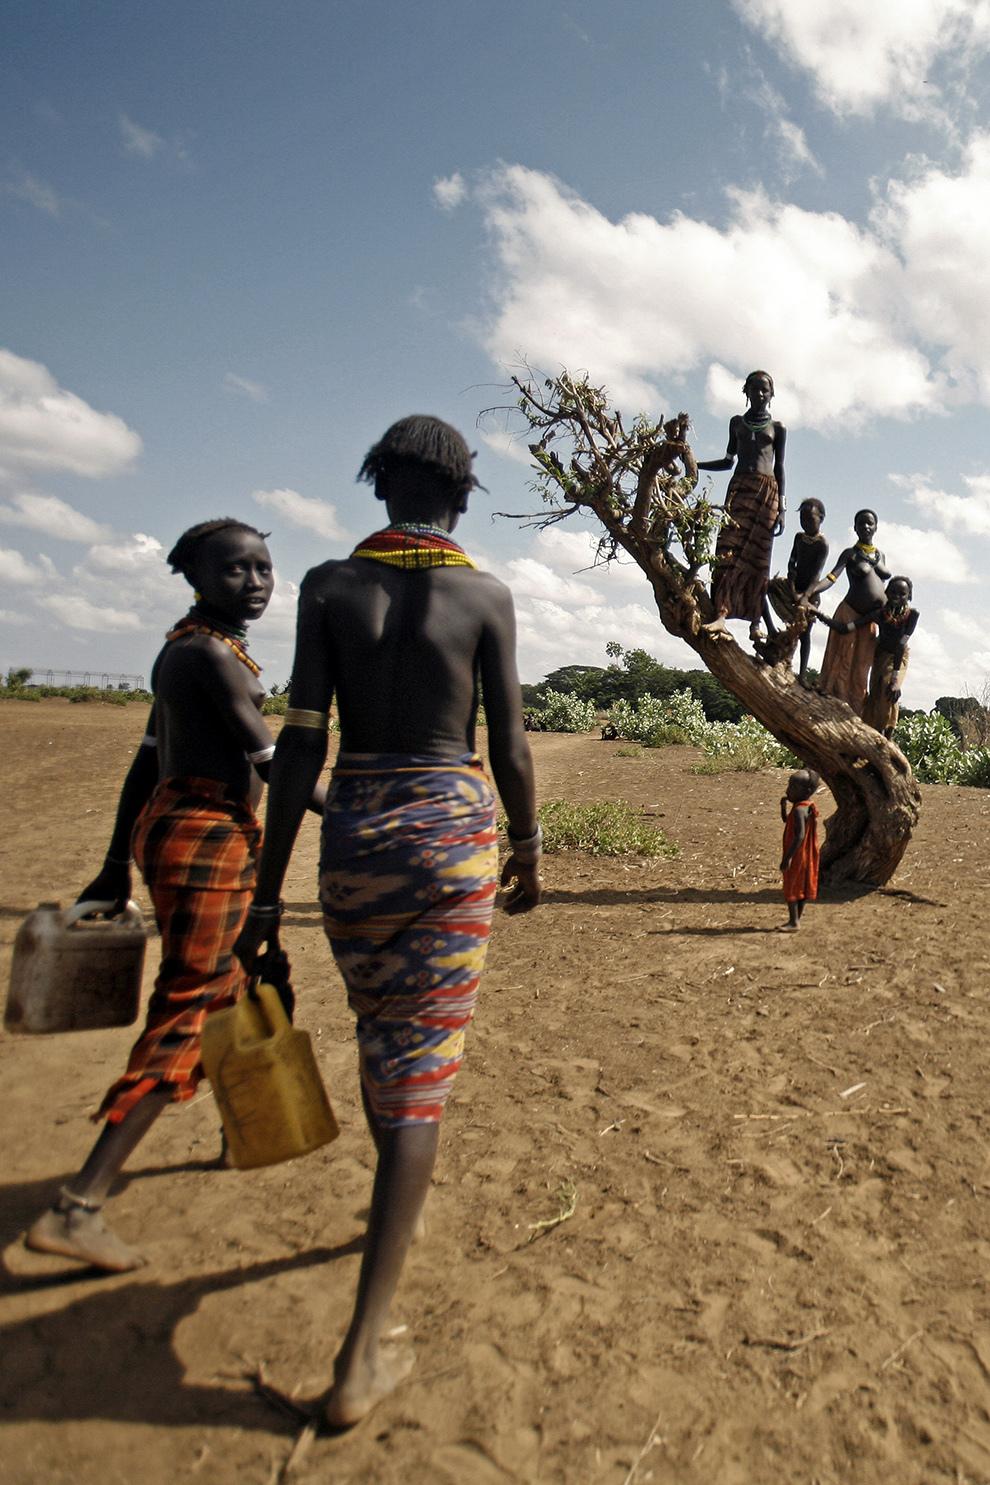 Copii din tribul Dassanech de pe Valea râului Omo din sudul Etiopiei se urcă într-un copac pentru a le întâmpina pe cele două femei care se întorc de la râu cu recipiente umplute cu apa.